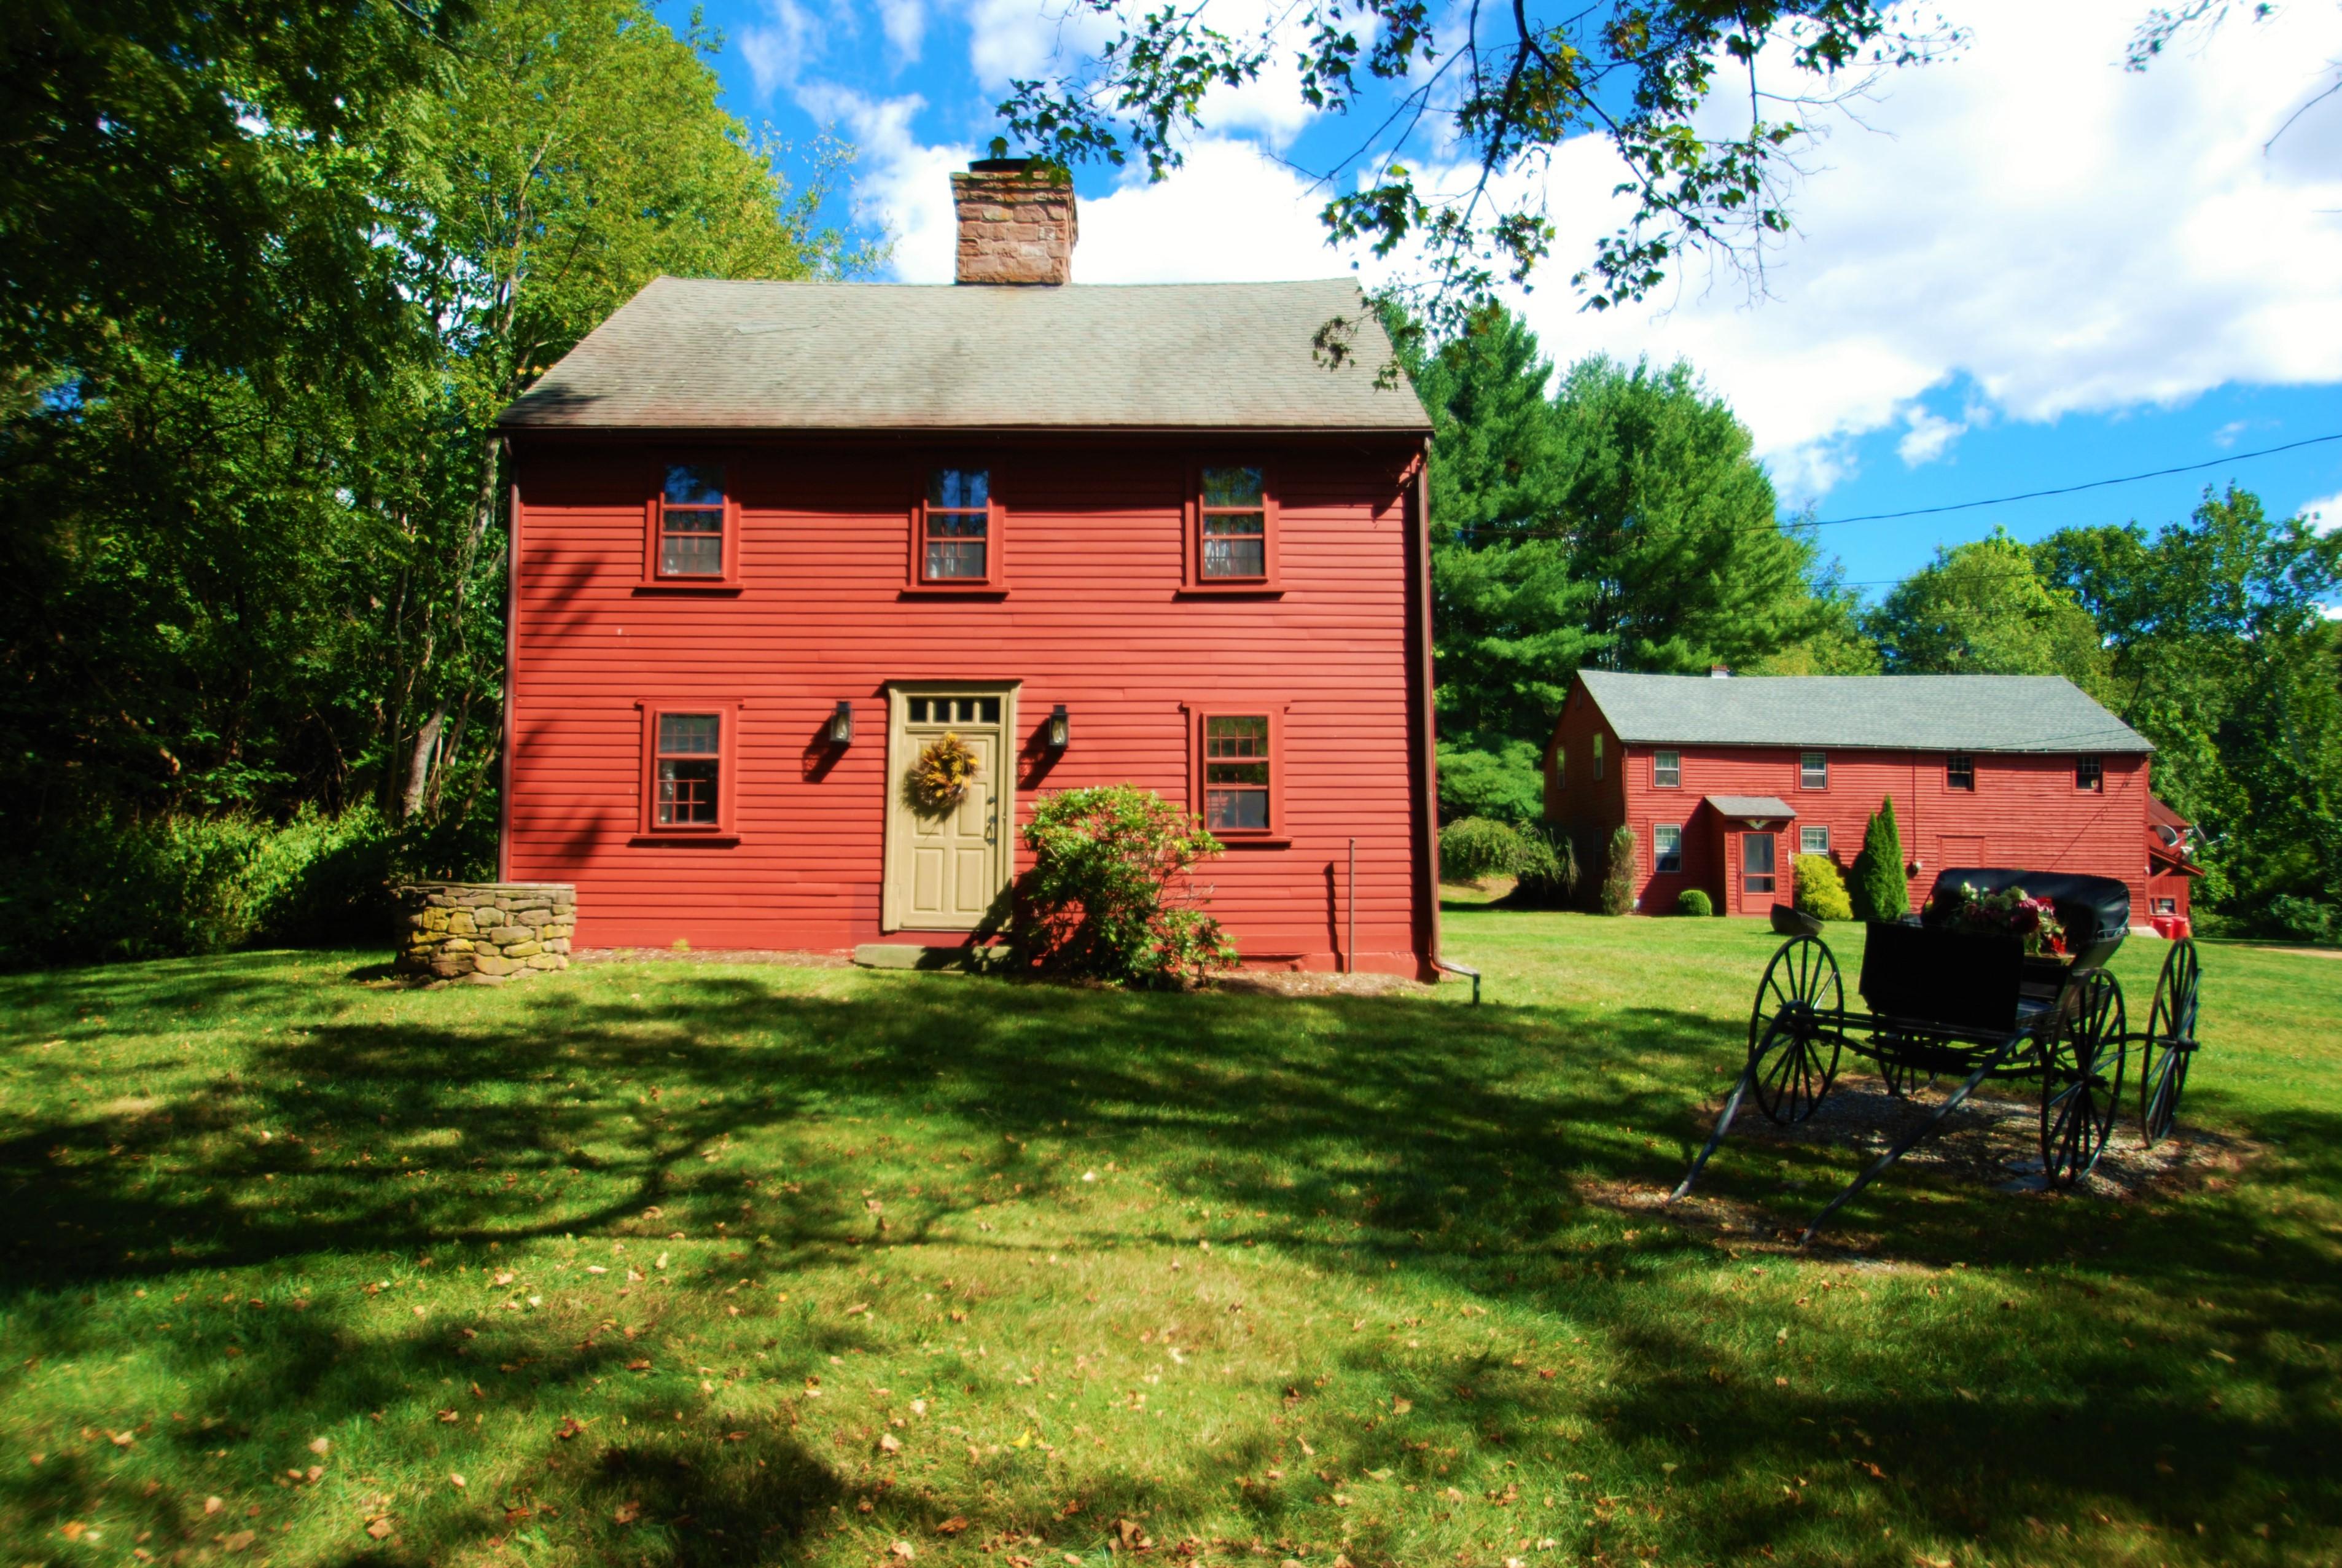 独户住宅 为 销售 在 153 Main St 达拉漠, 康涅狄格州, 06422 美国